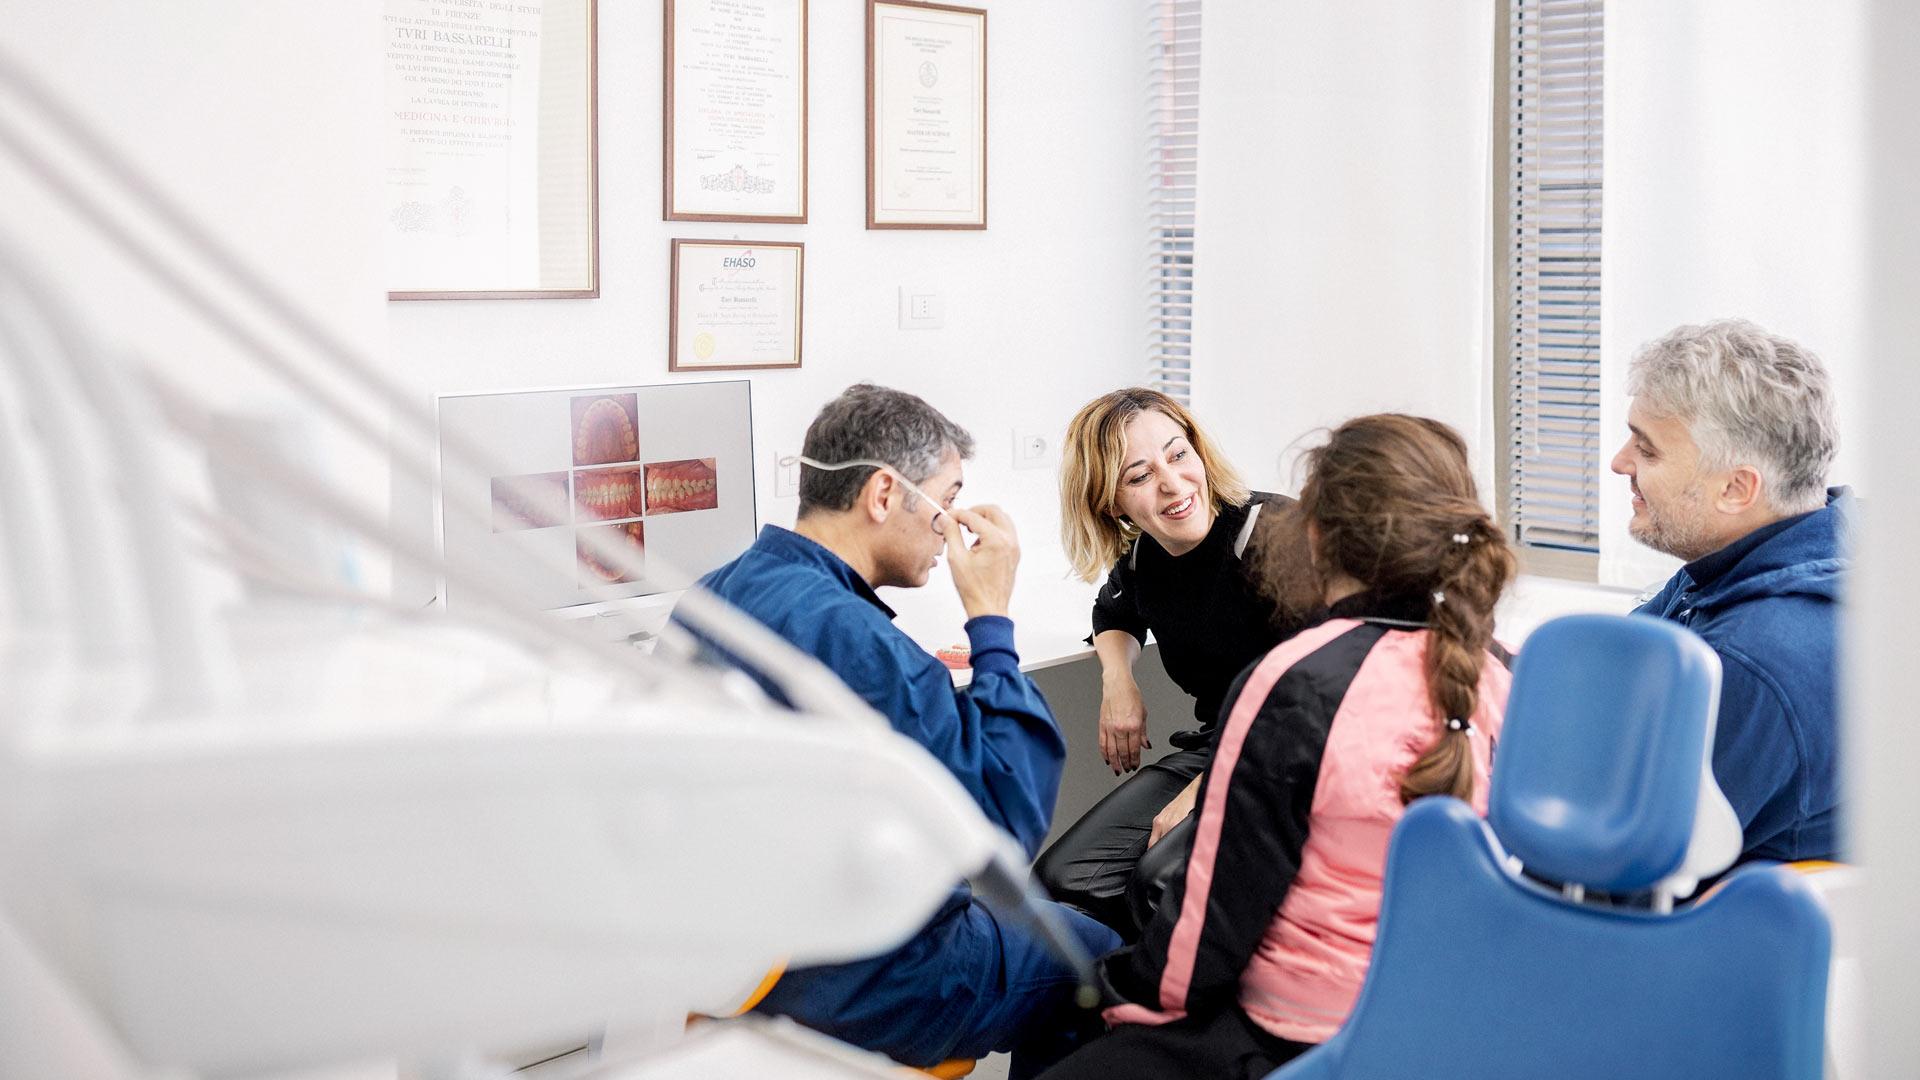 Studio dentistico a Prato | Dentista a Prato